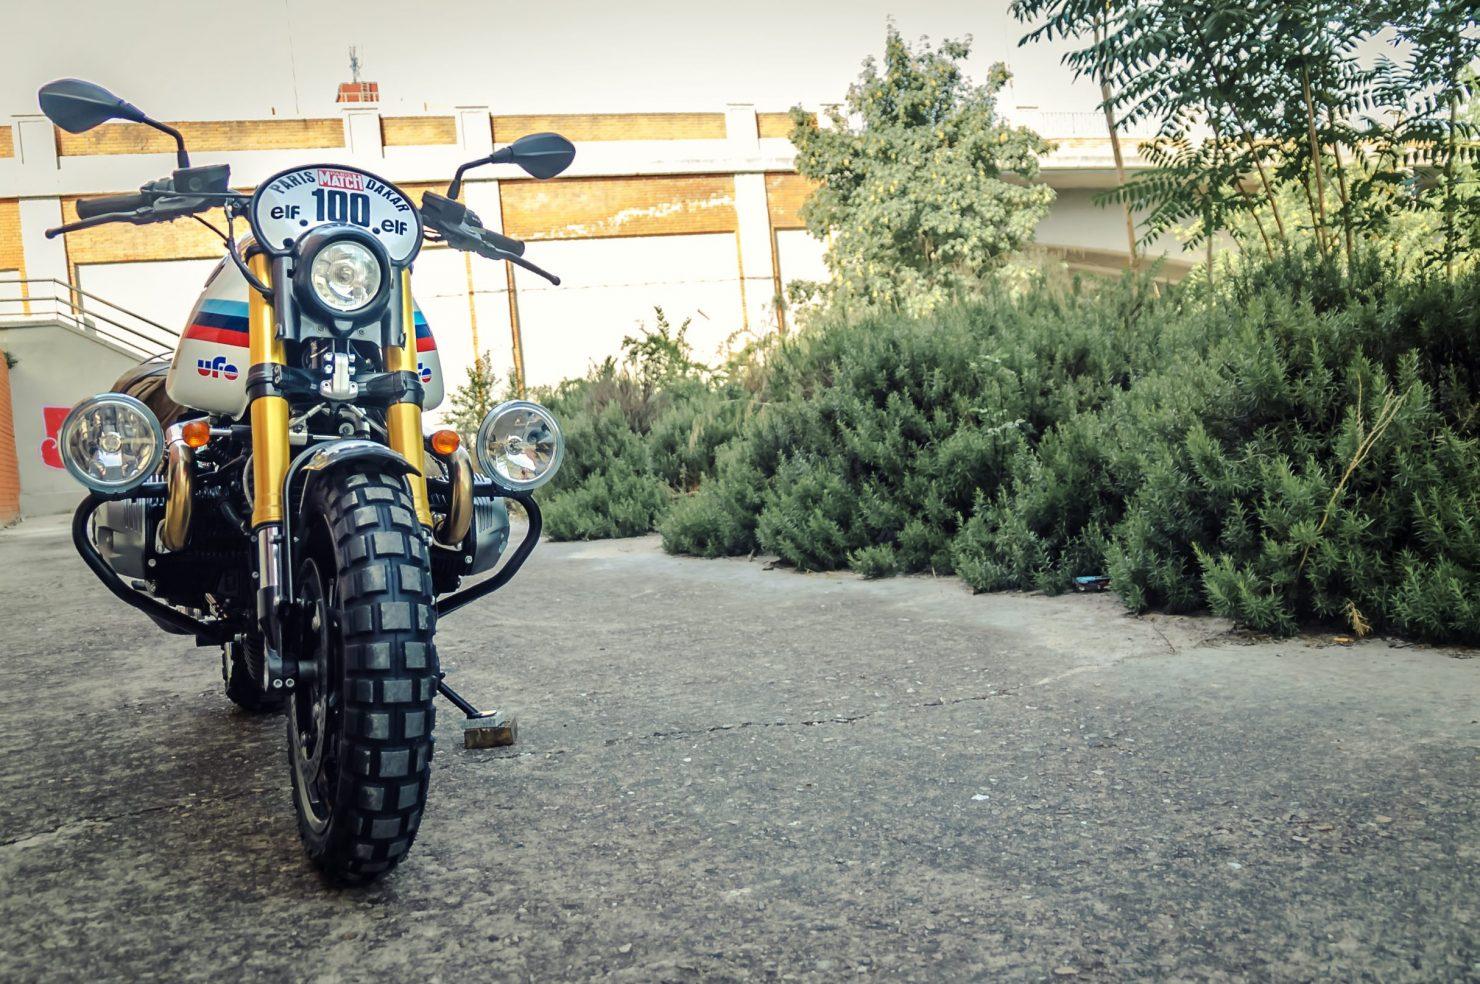 BMW R Nine T Custom Motorbike 11 1480x984 - XTR Pepo BMW R nineT Paris Dakar